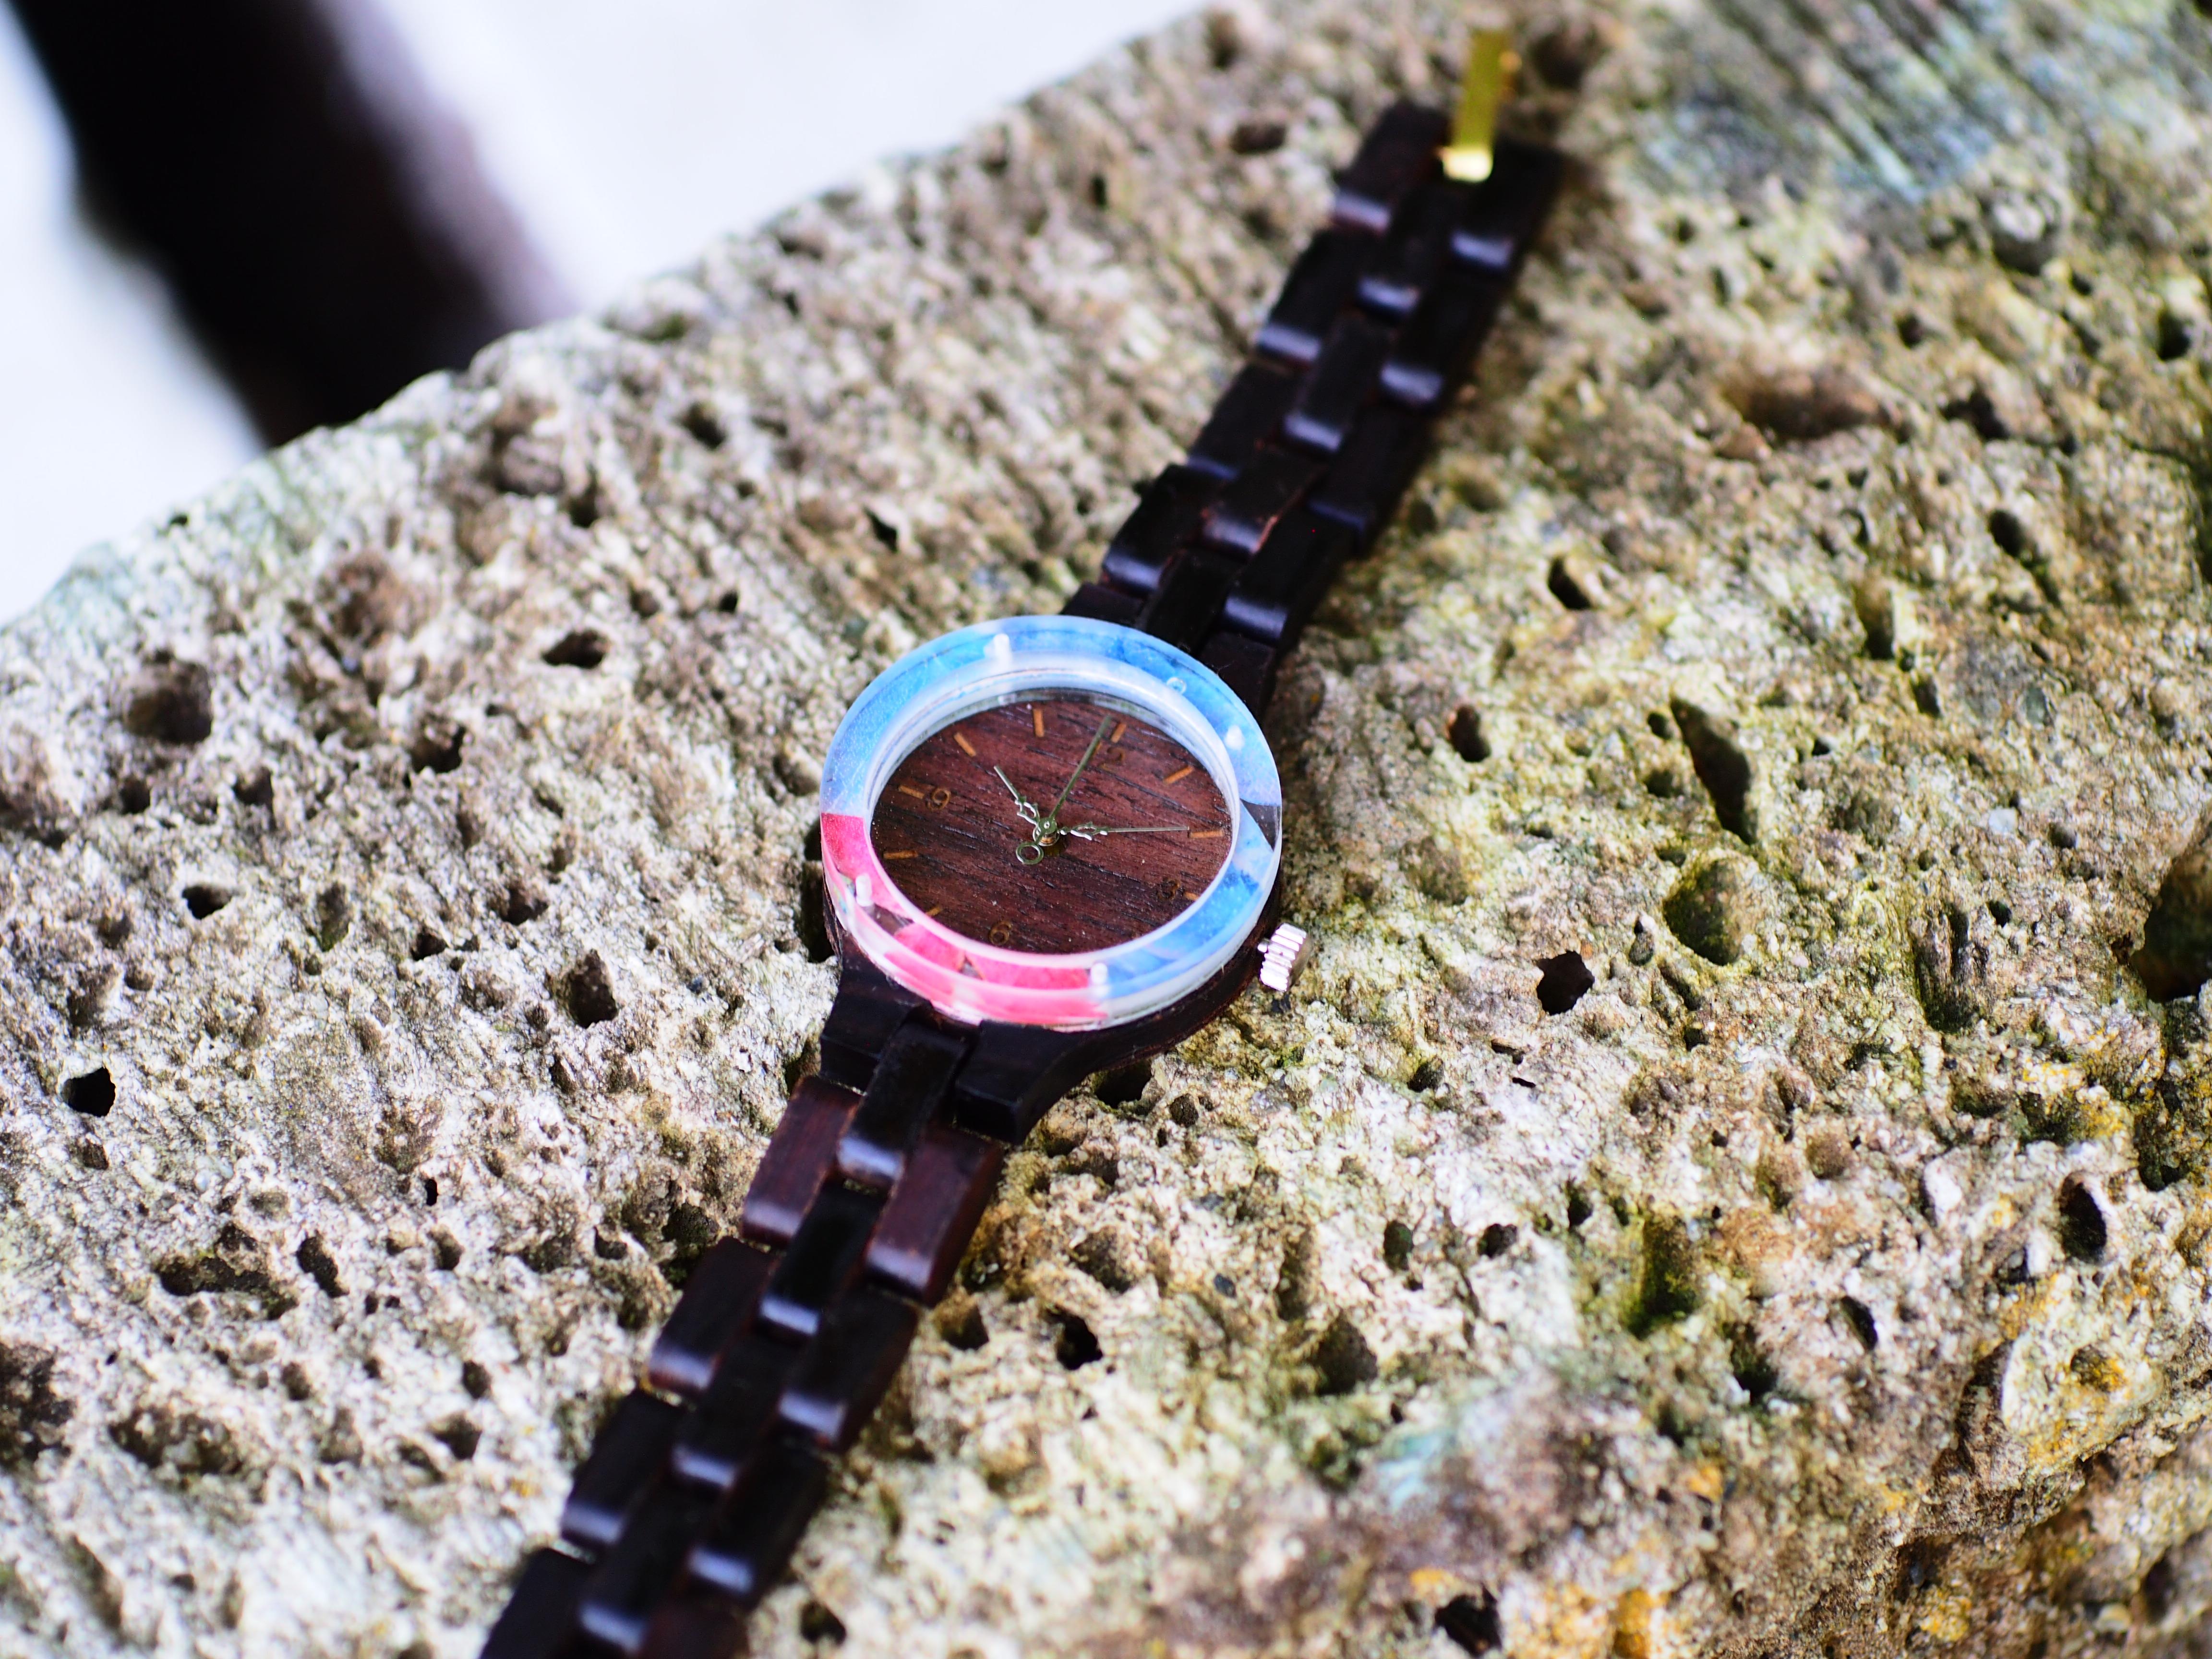 見たことない押し花木製腕時計